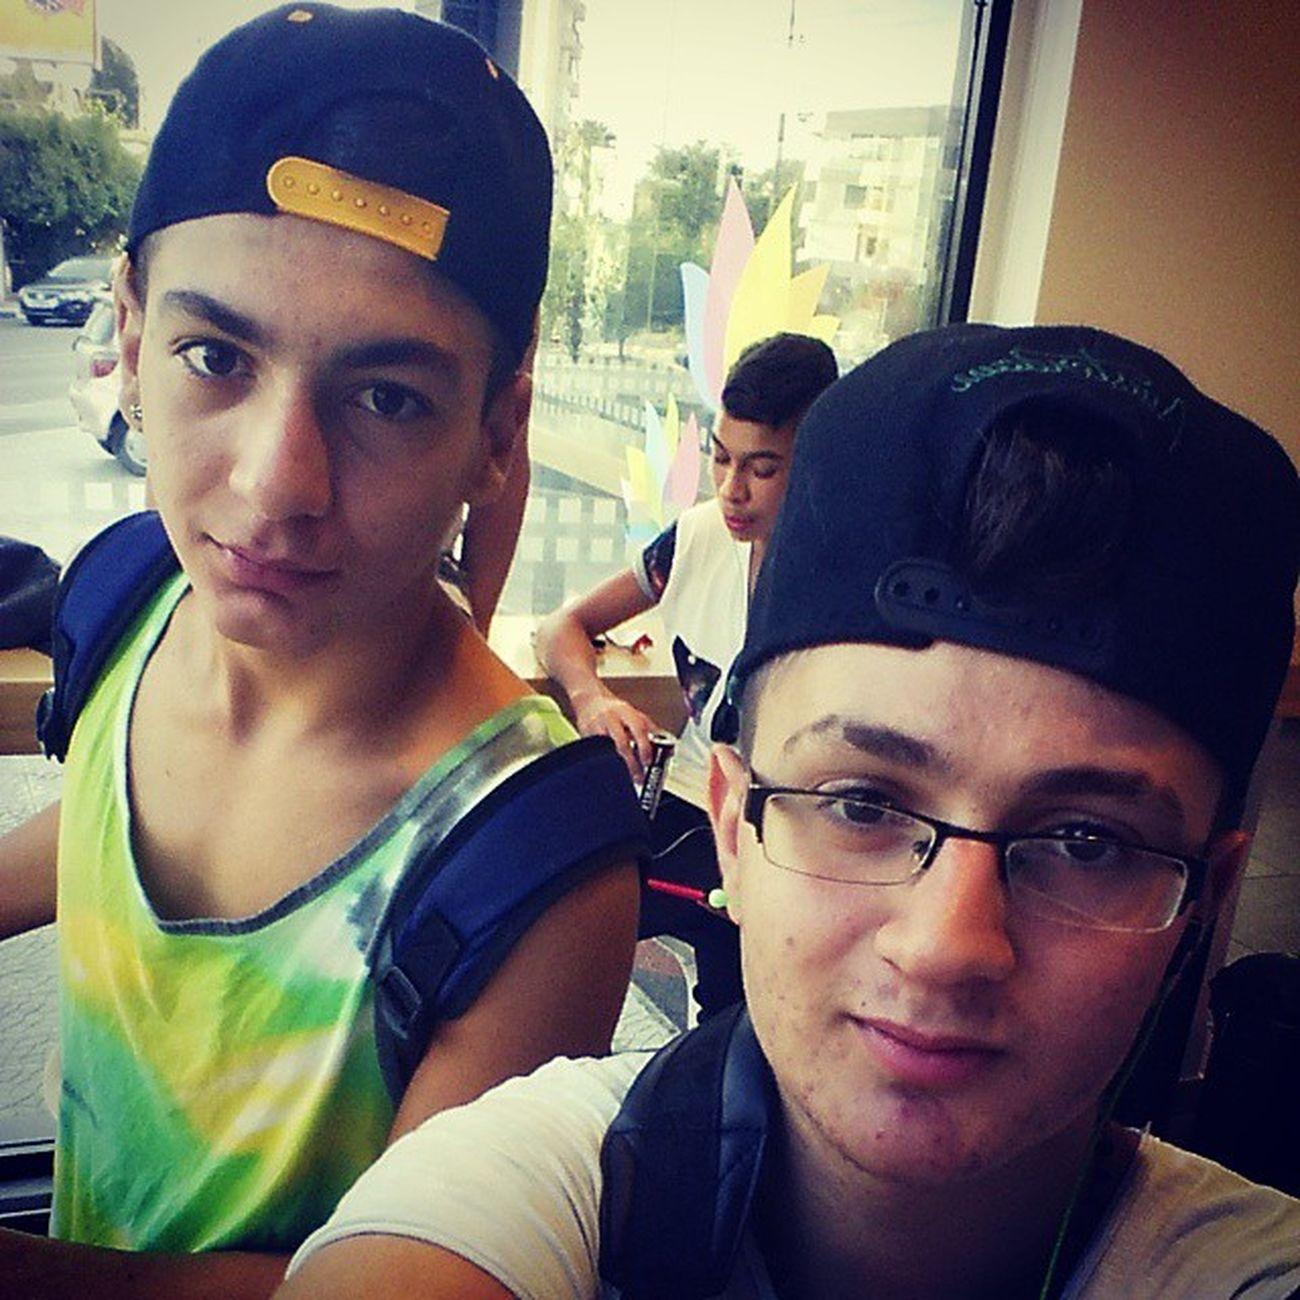 With gay boy